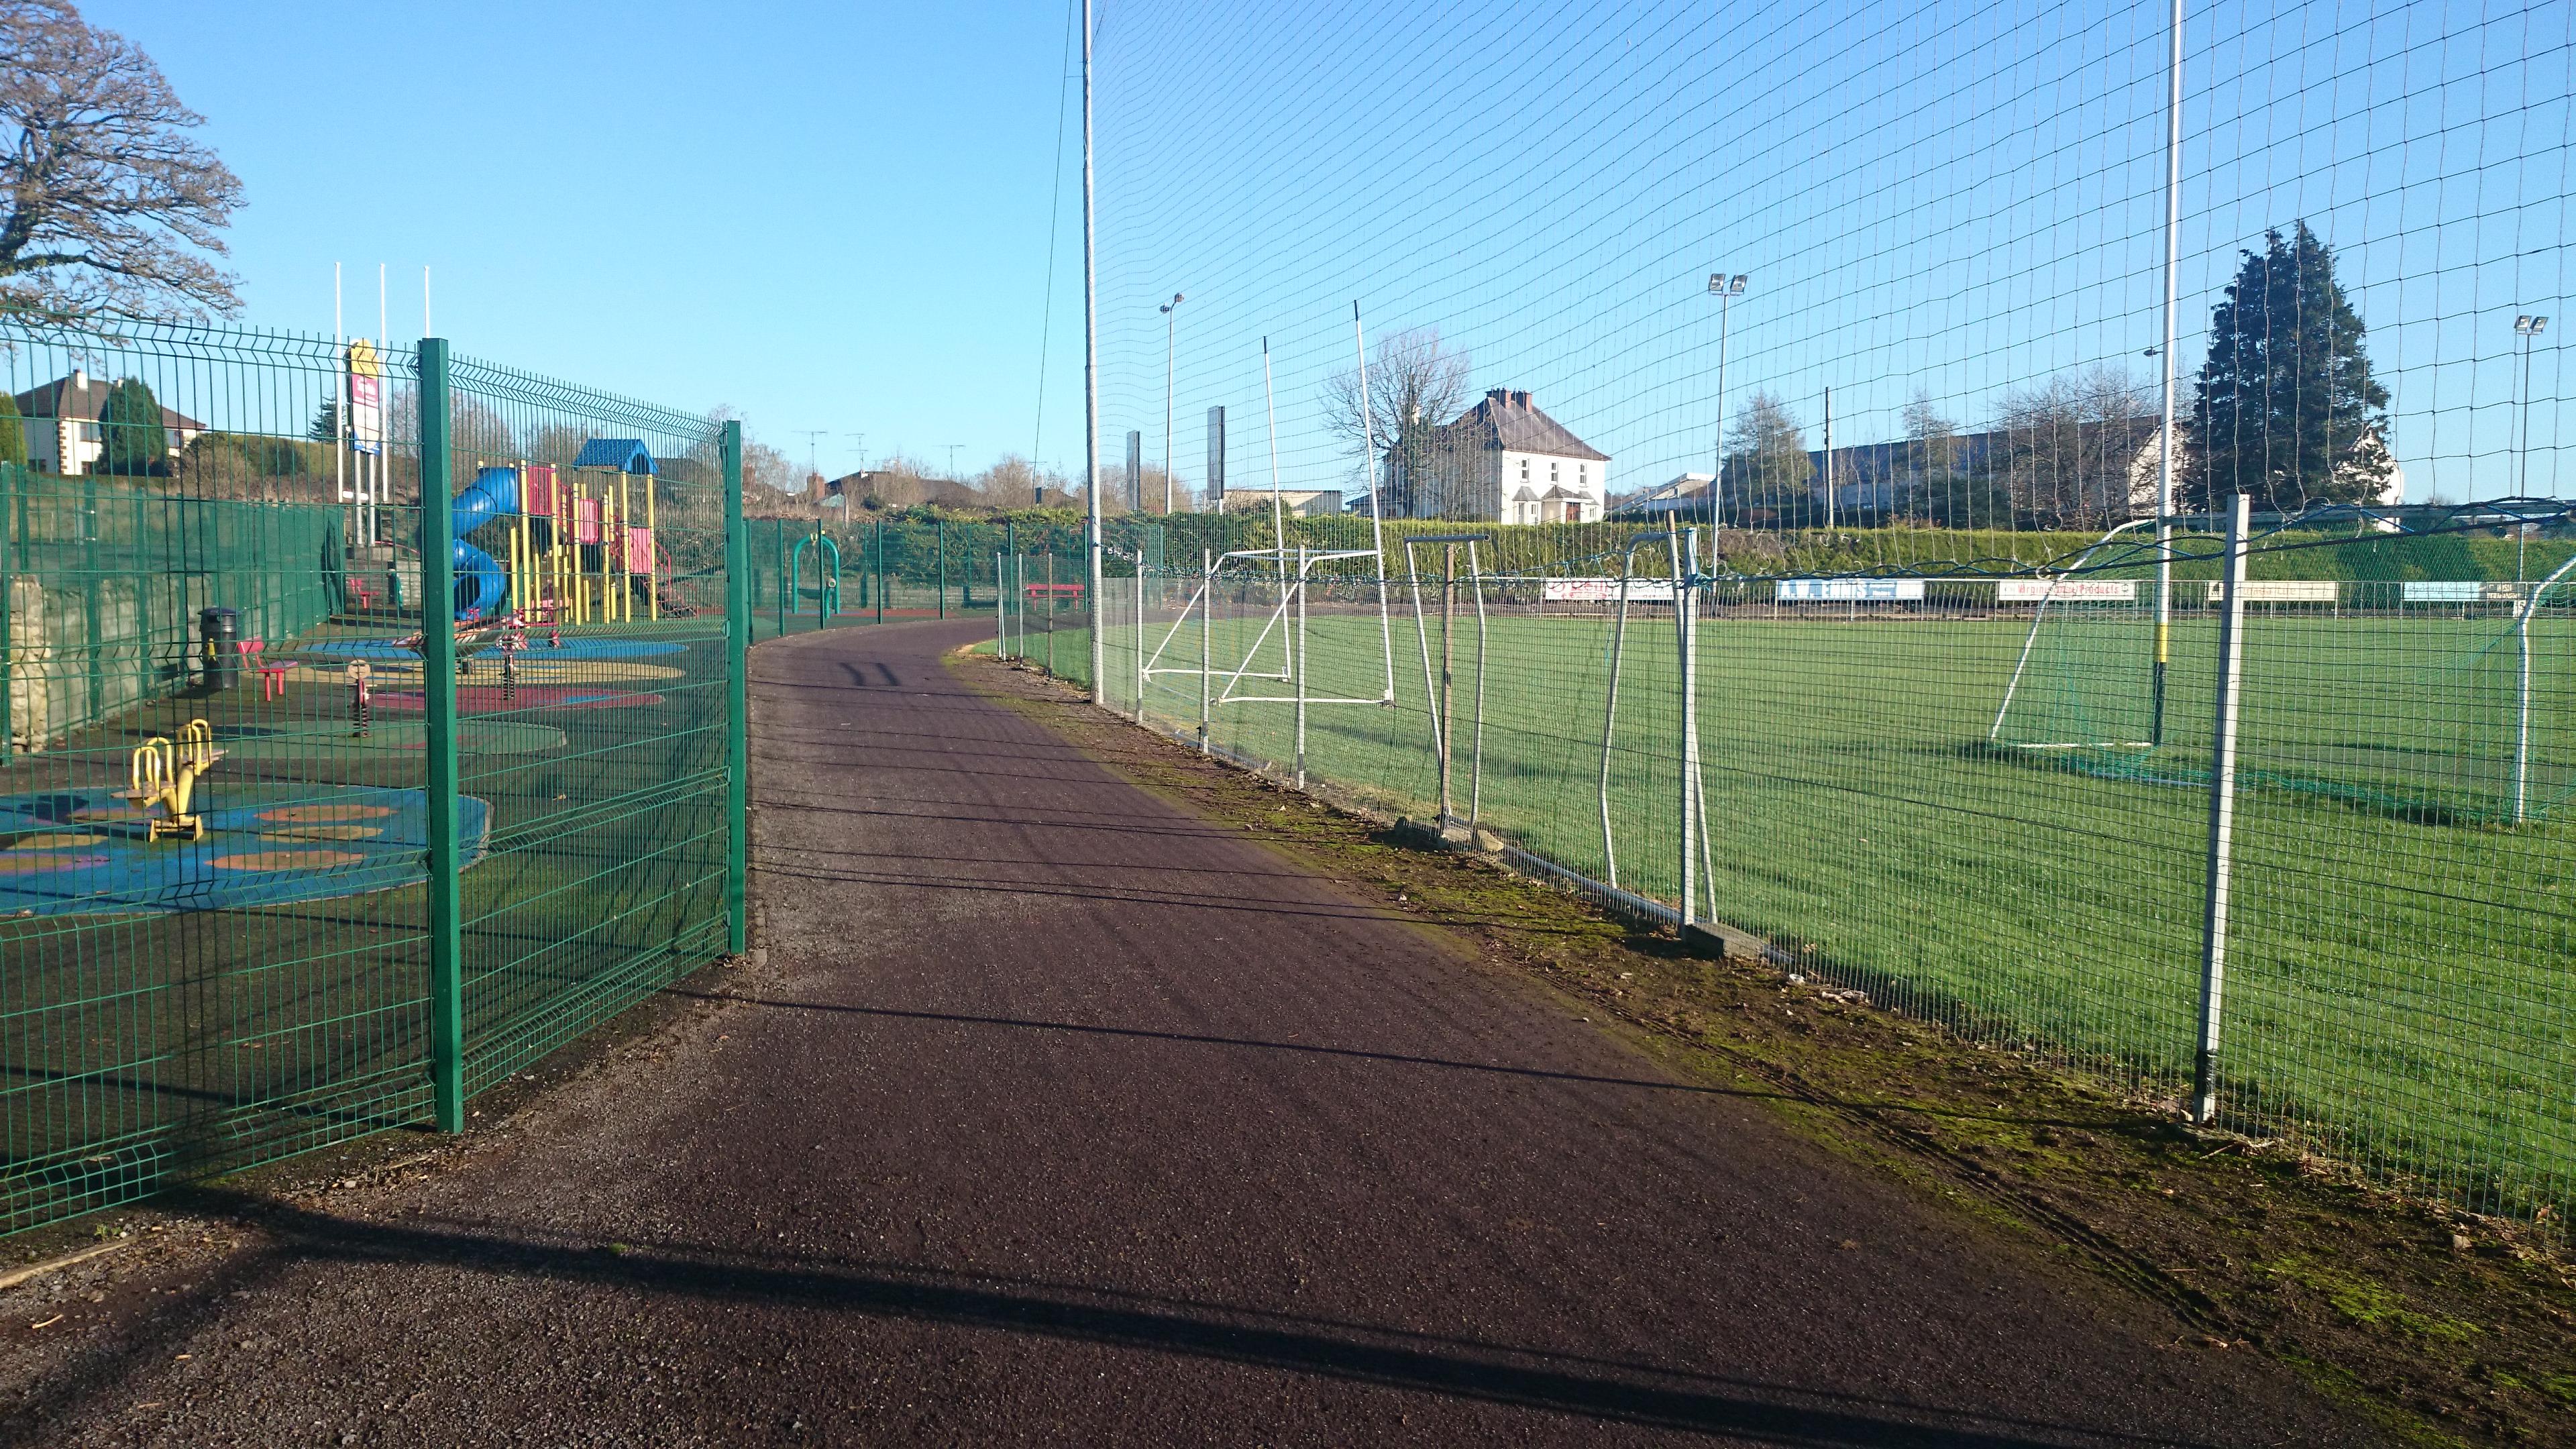 Playground & Track